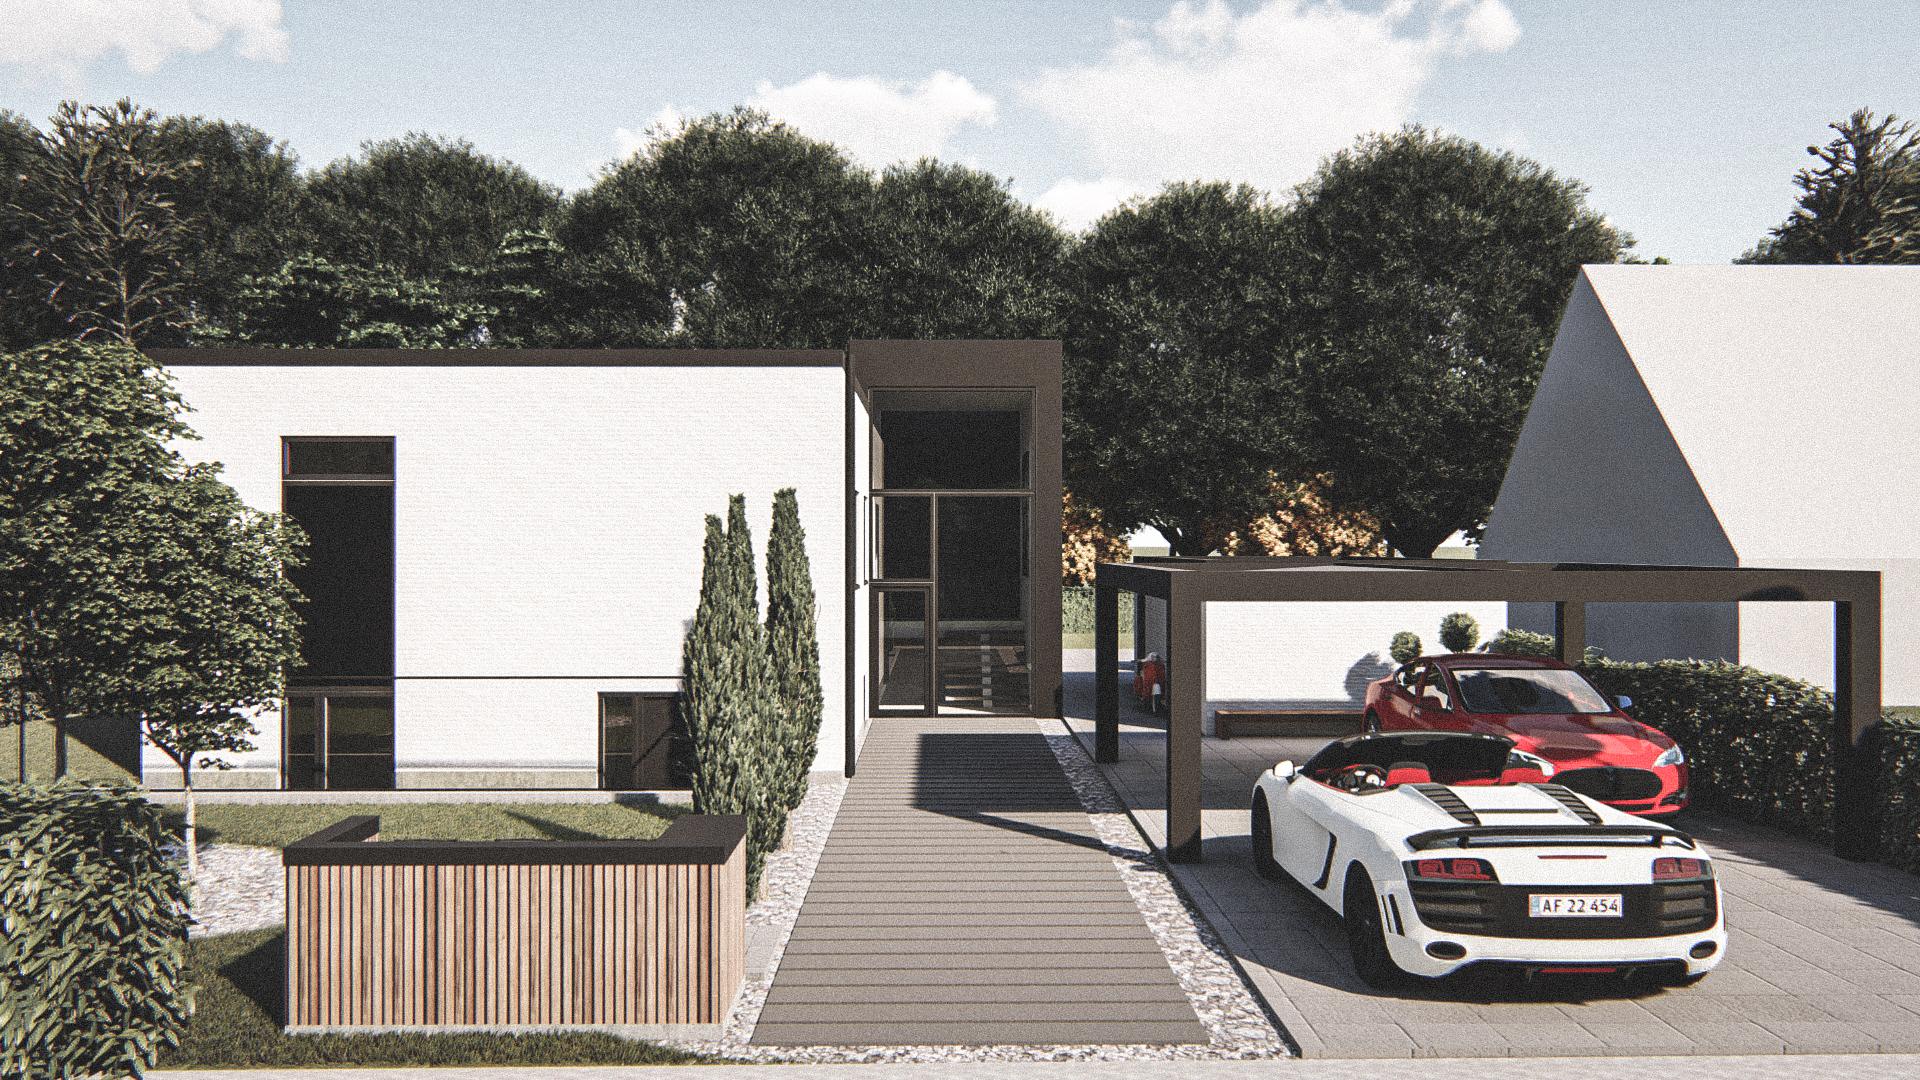 Billede af Dansk arkitekttegnet 2 plan villa af arkitektfirmaet m2plus, i Aalborg på 284 kvartratmeter.